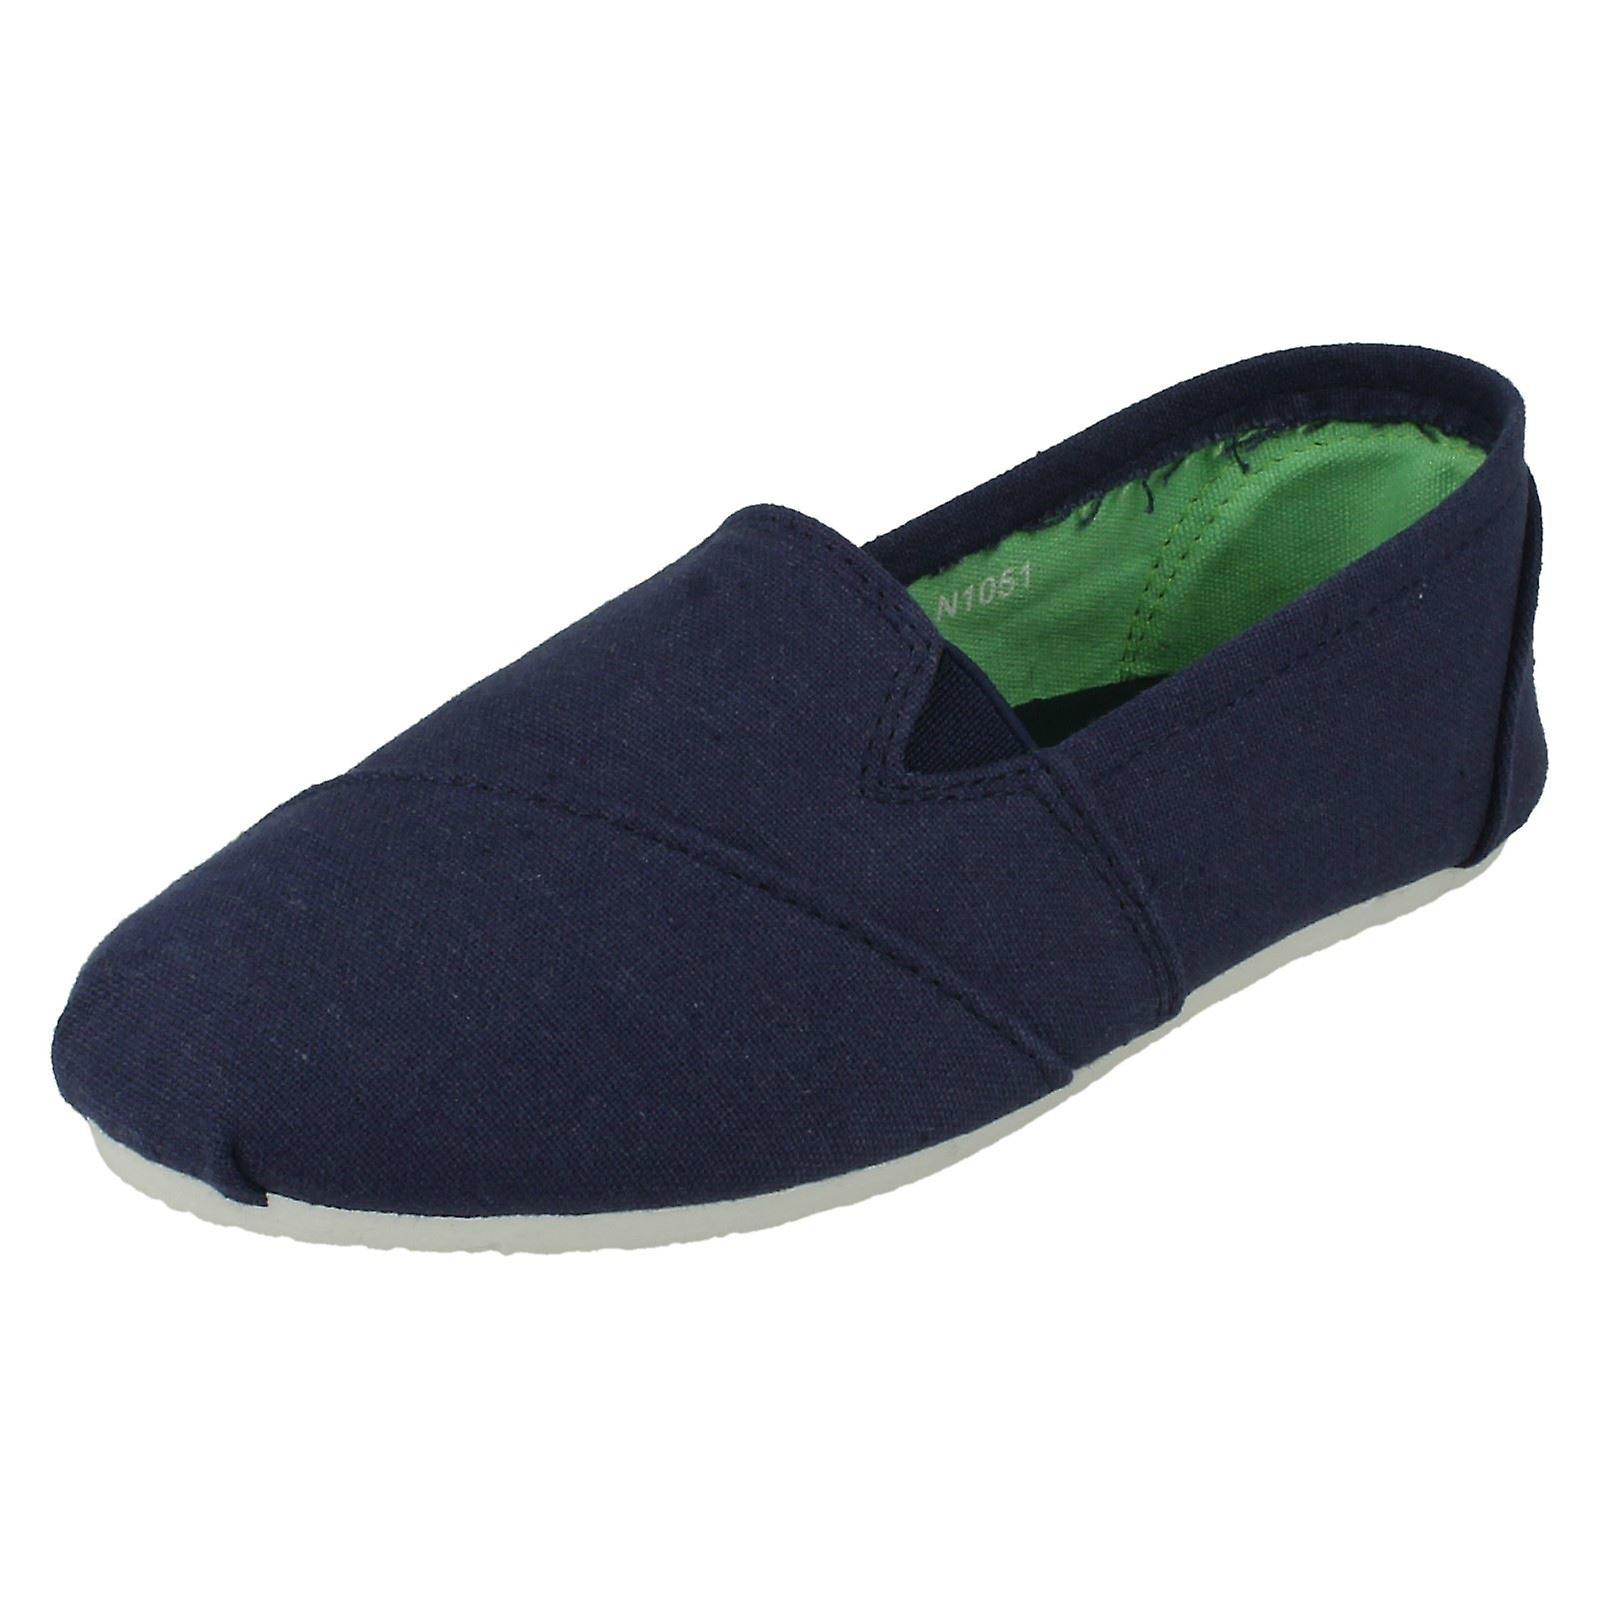 Jungen JCDees Casual Slip On Schuhe